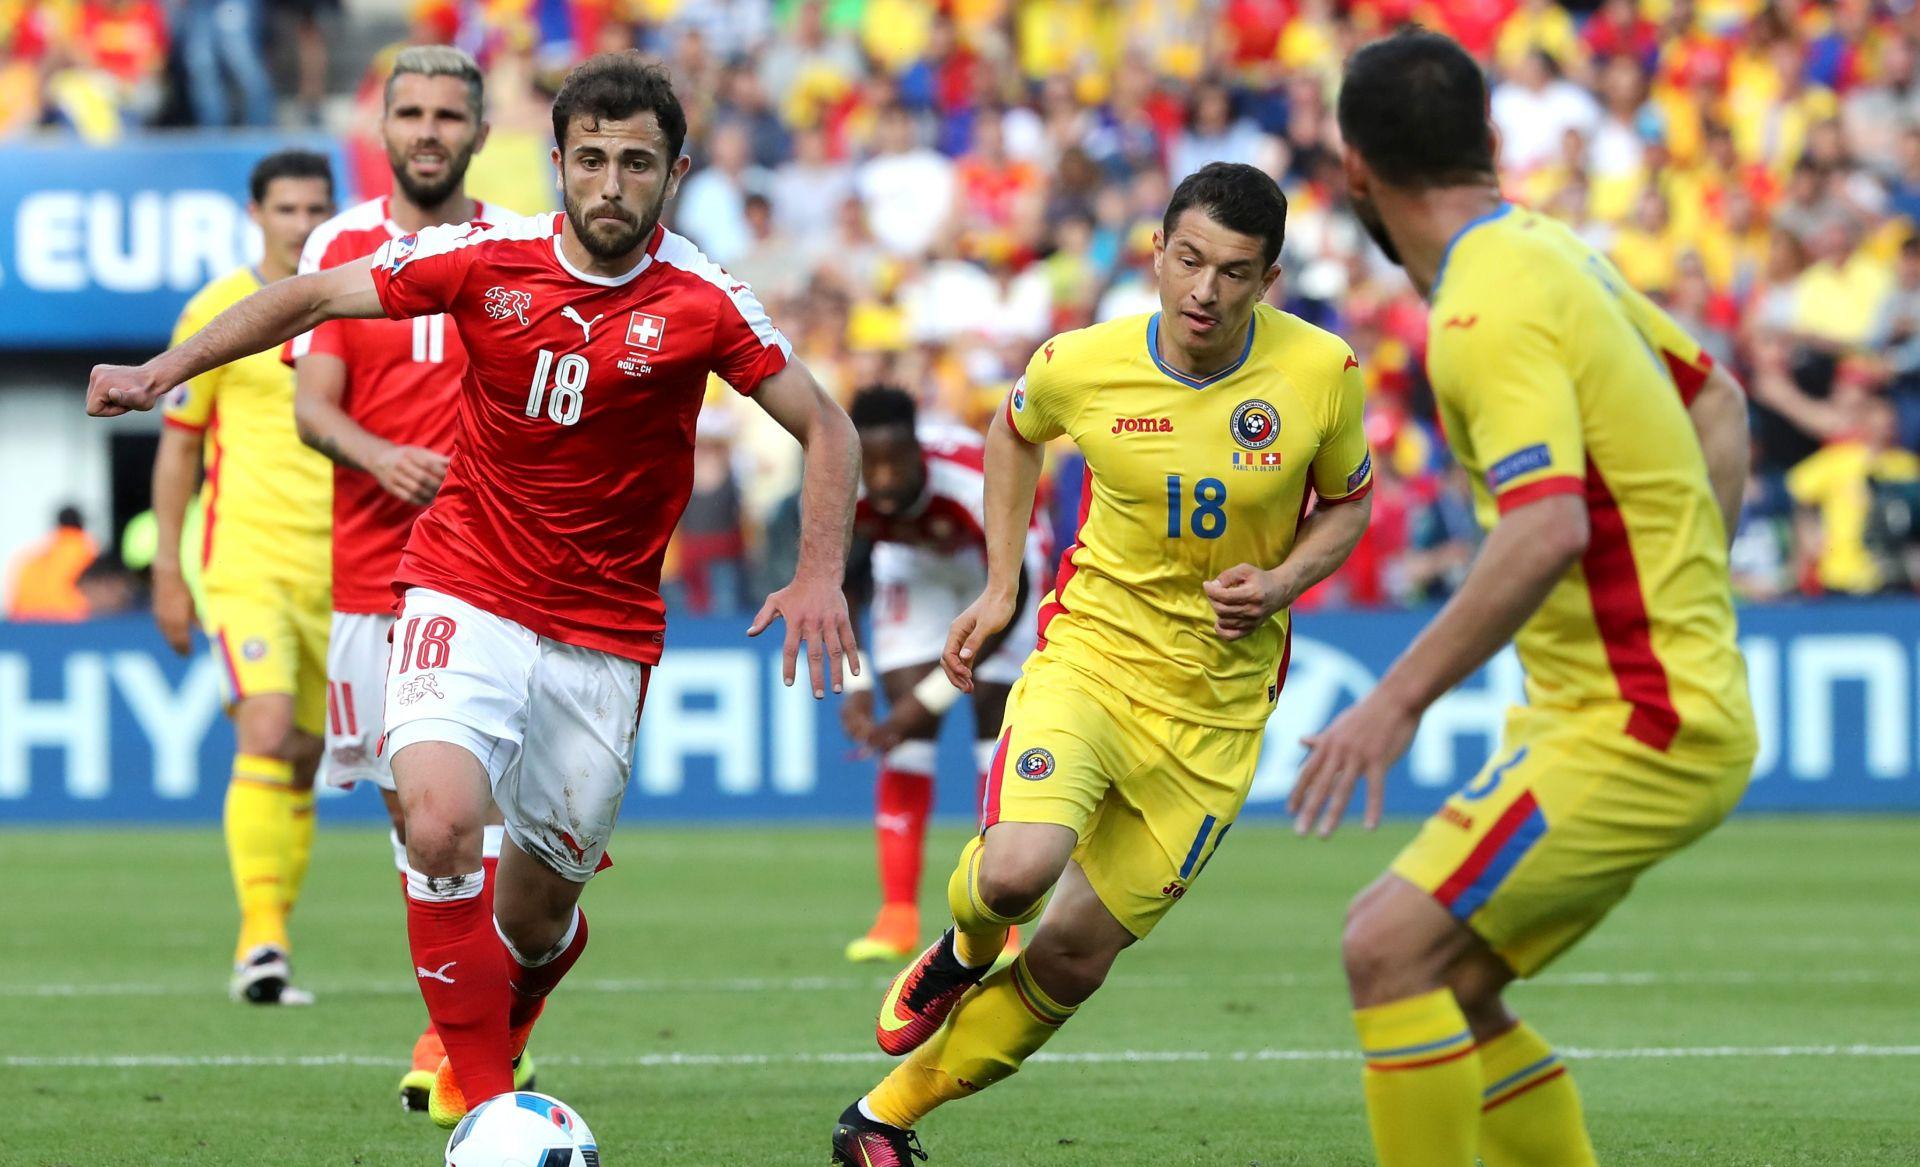 Švicarska na korak do osmine finala nakon remija s Rumunjskom